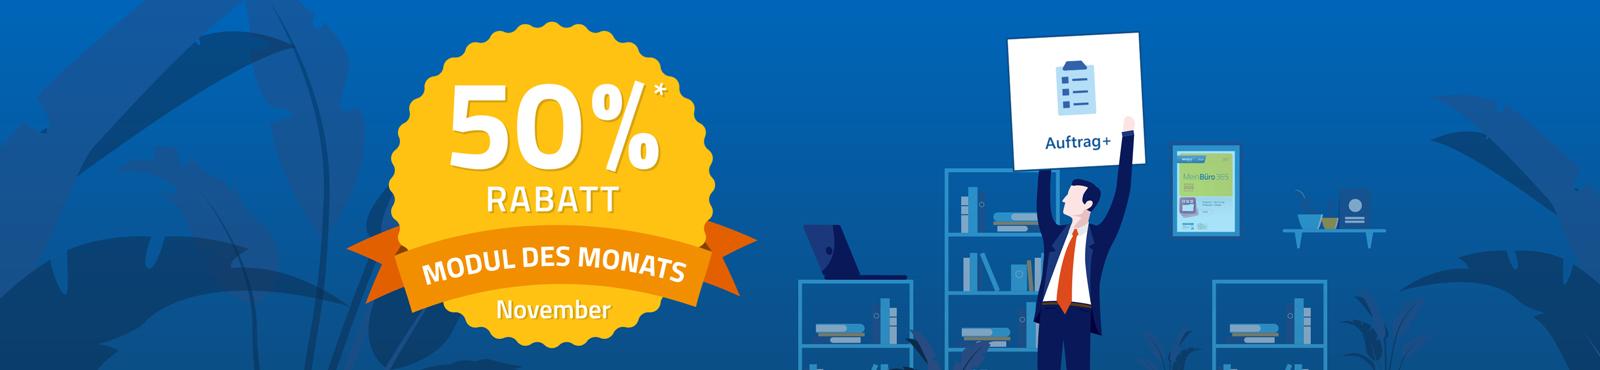 Modul des Monats: 50% auf das Modul Auftrag+ sichern!